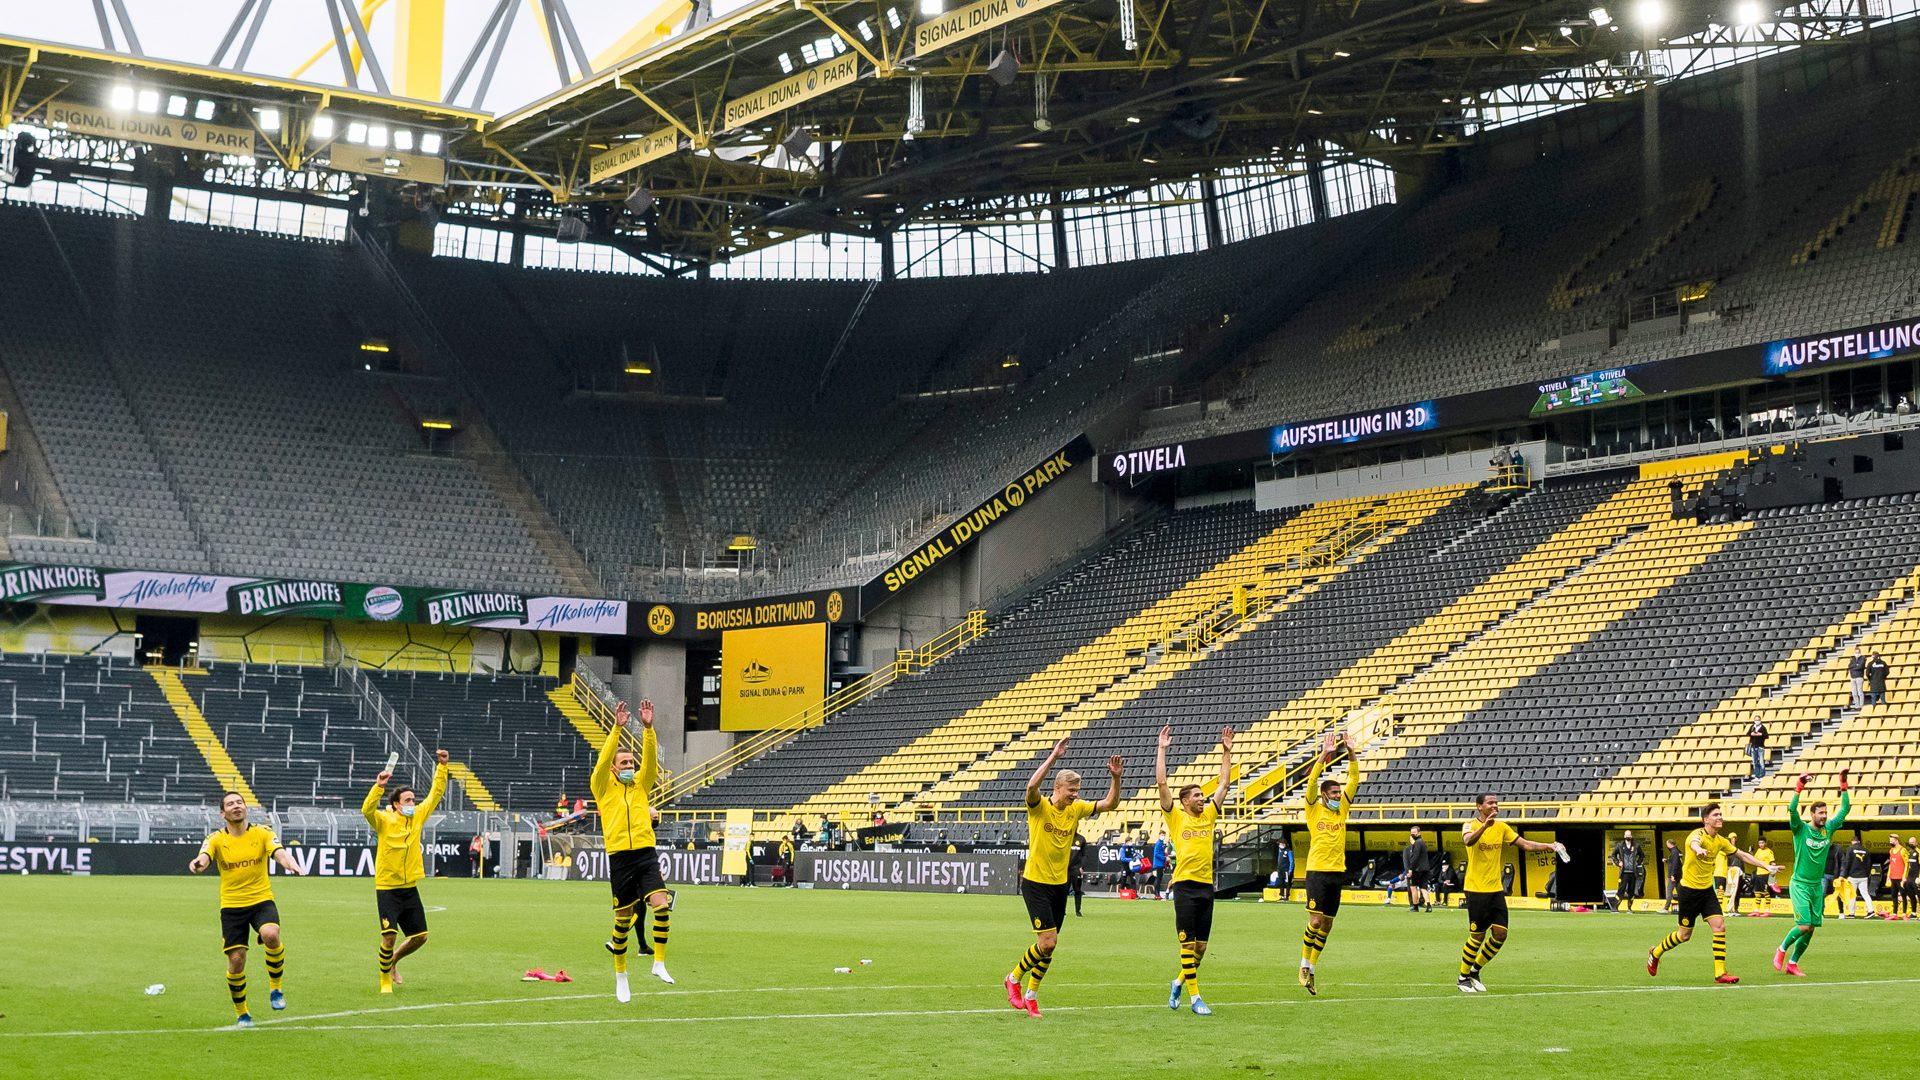 Bundesliga | Borussia Dortmund celebrate with absent fans after ...